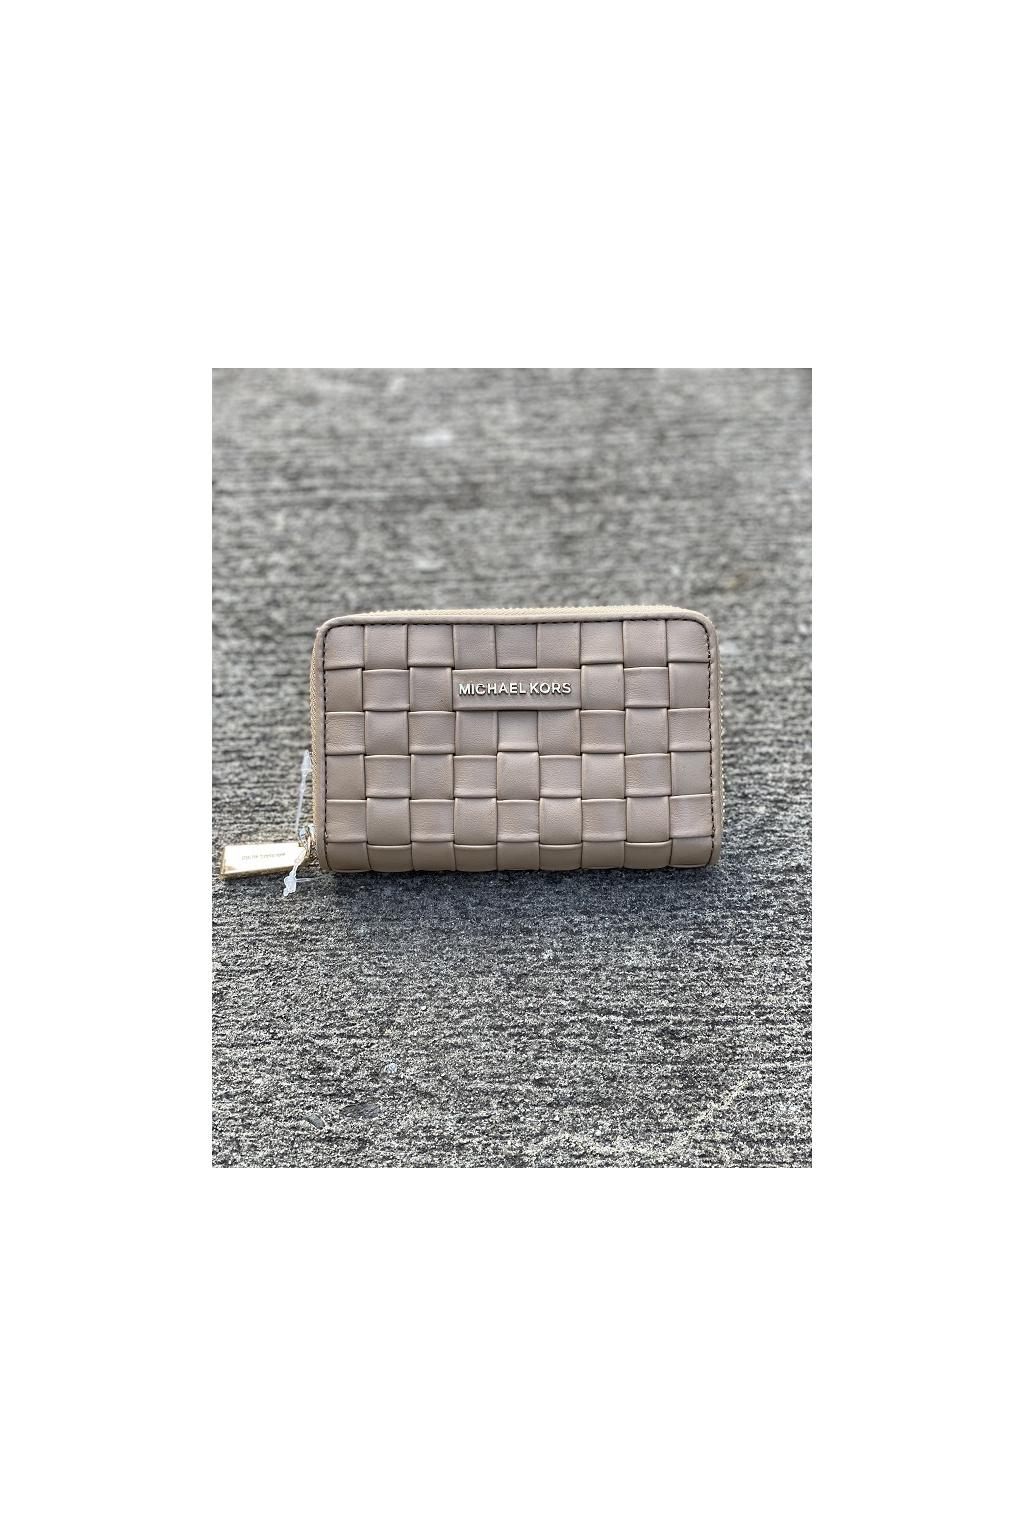 Dámská peněženka Michael Kors Jet Set Small Leather béžová